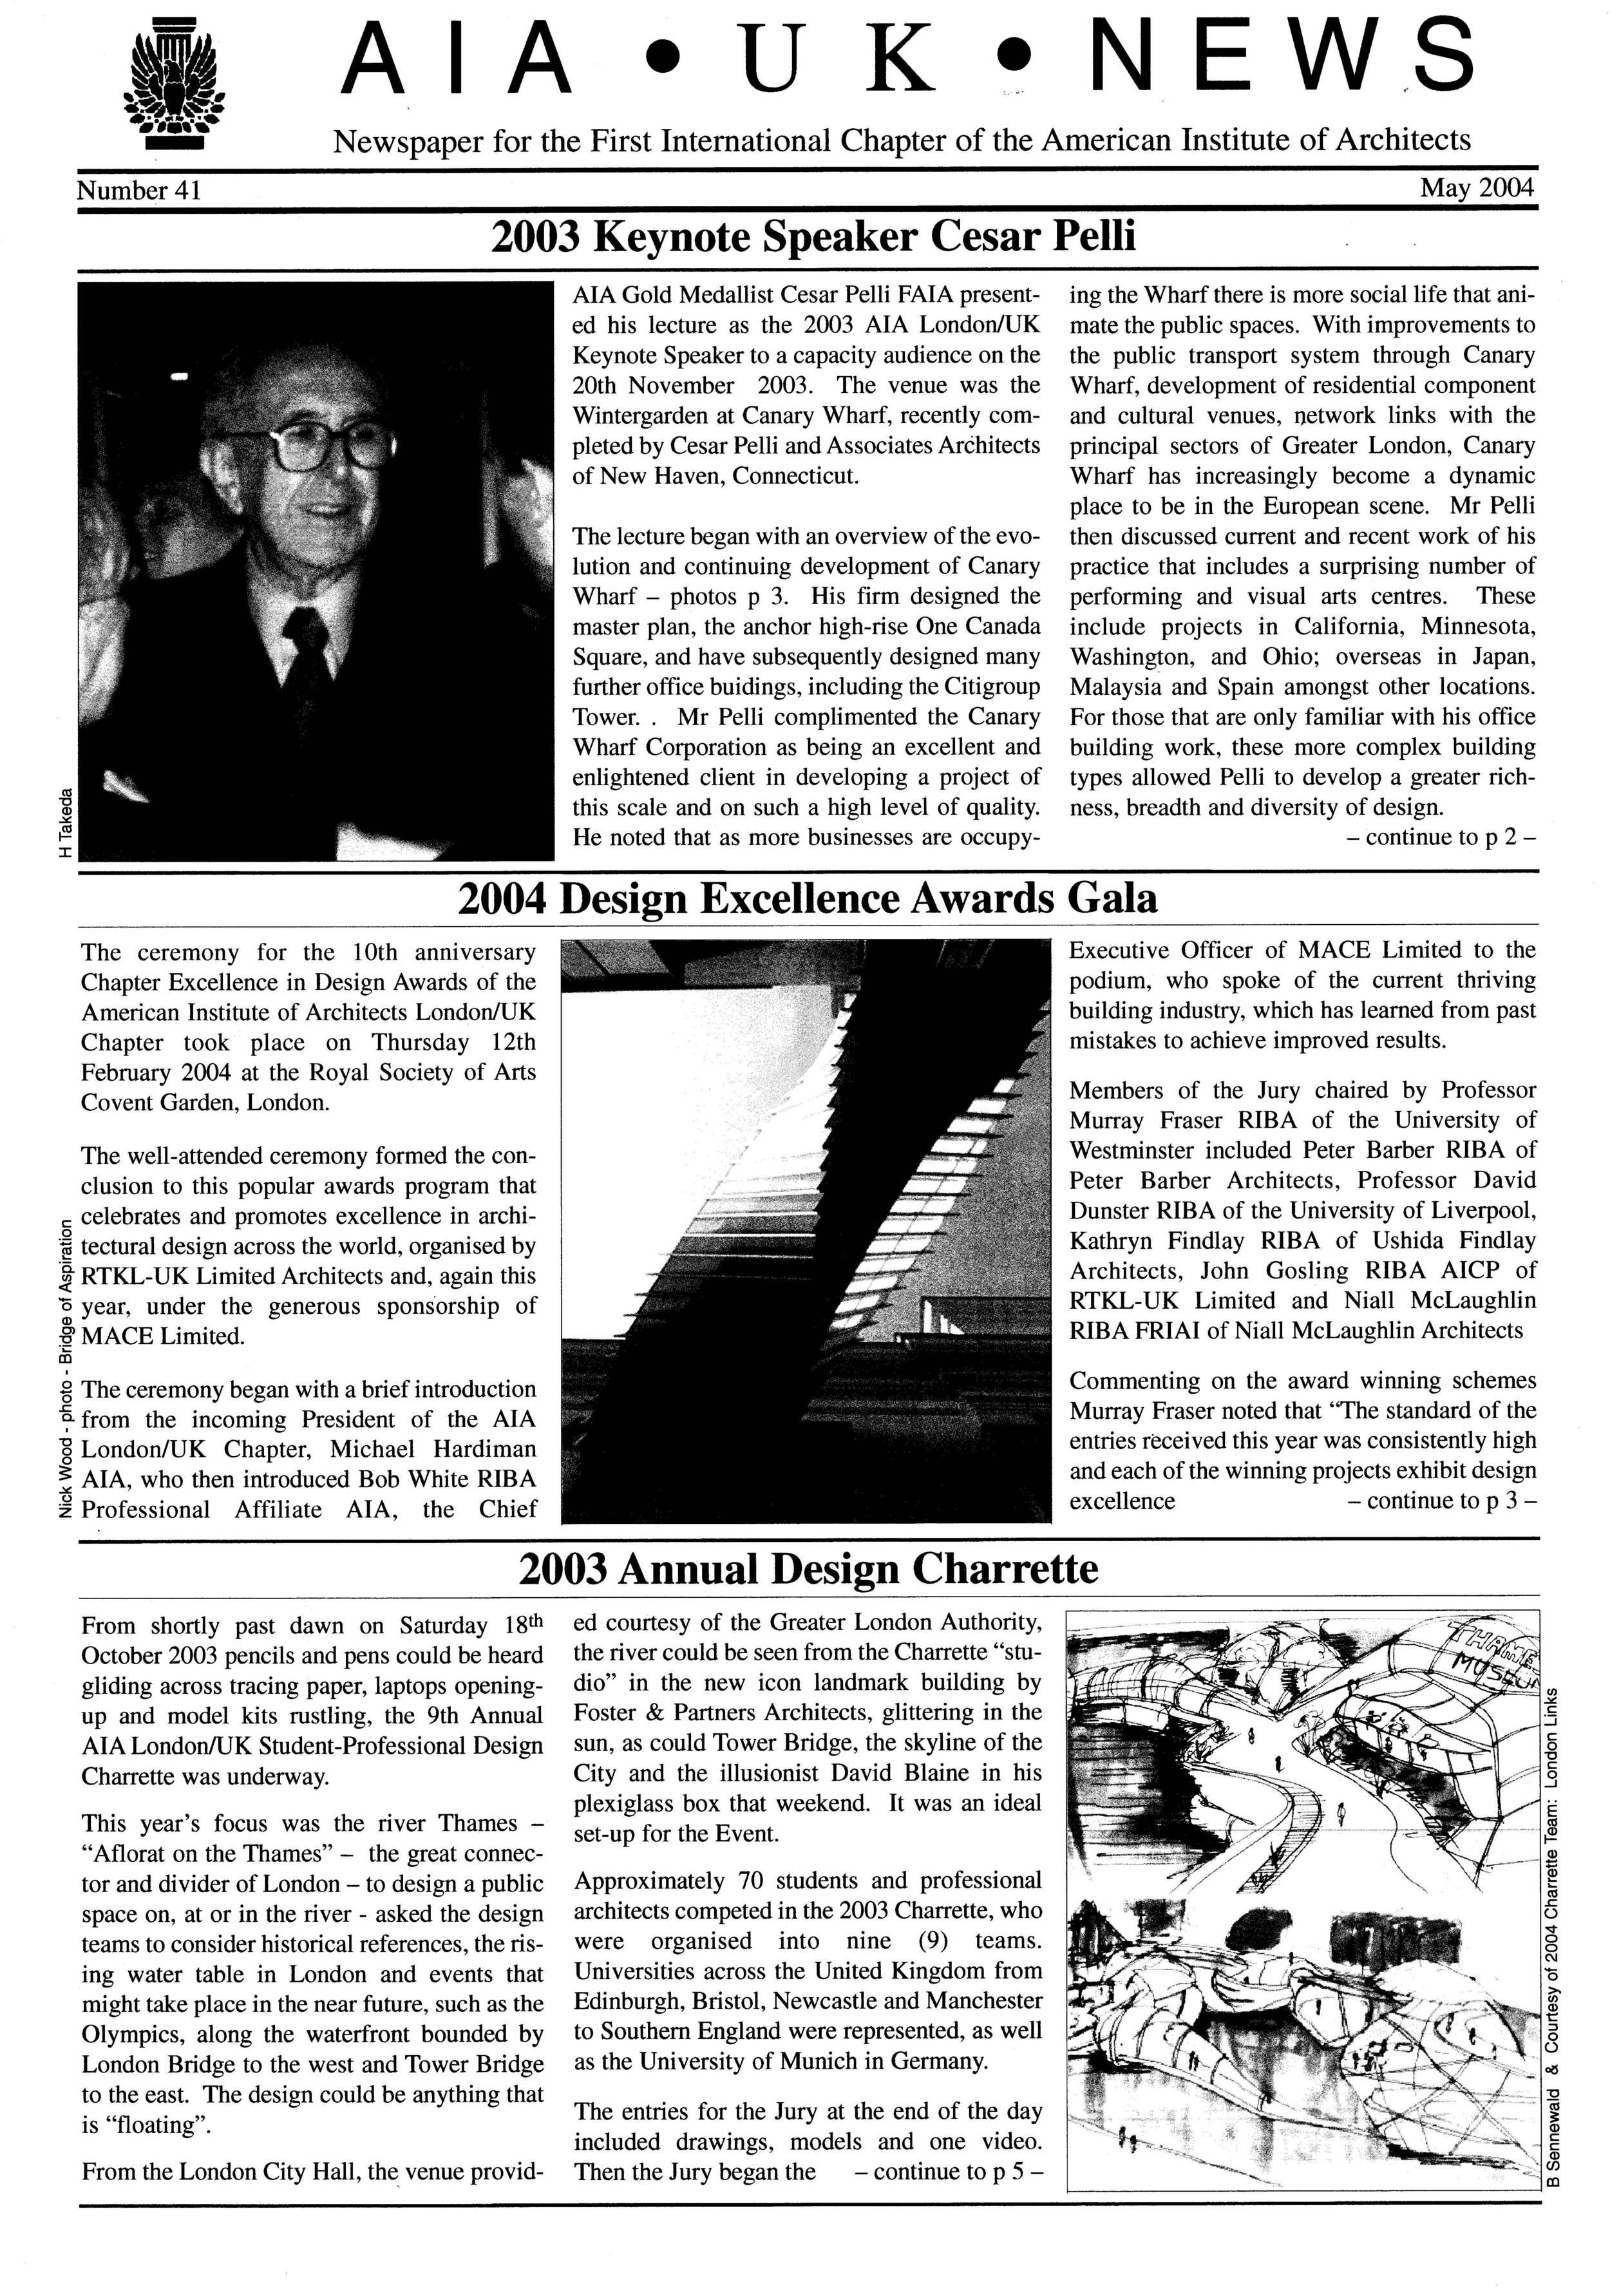 41 - May 2004_Page_1.jpg